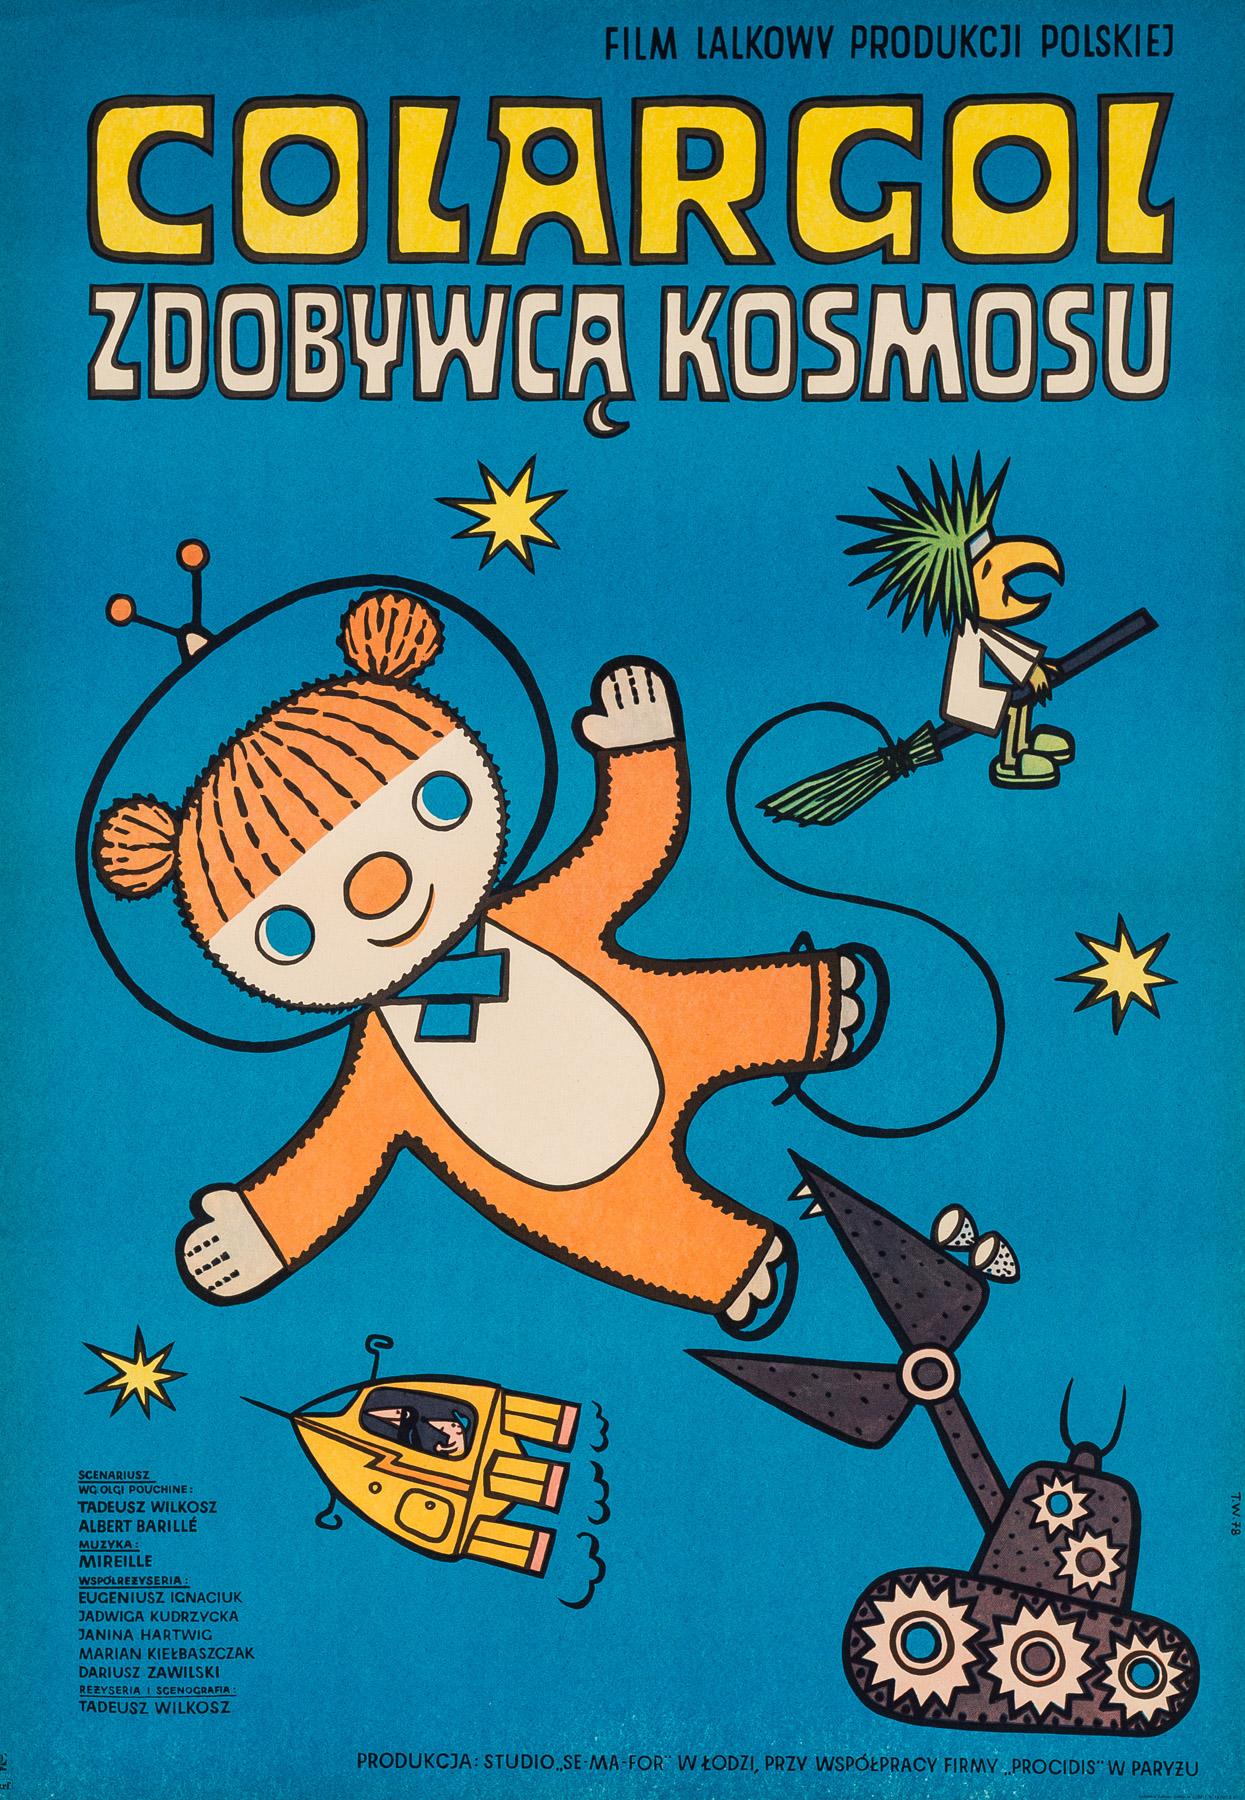 Colargol zdobywcą kosmosu, 1978